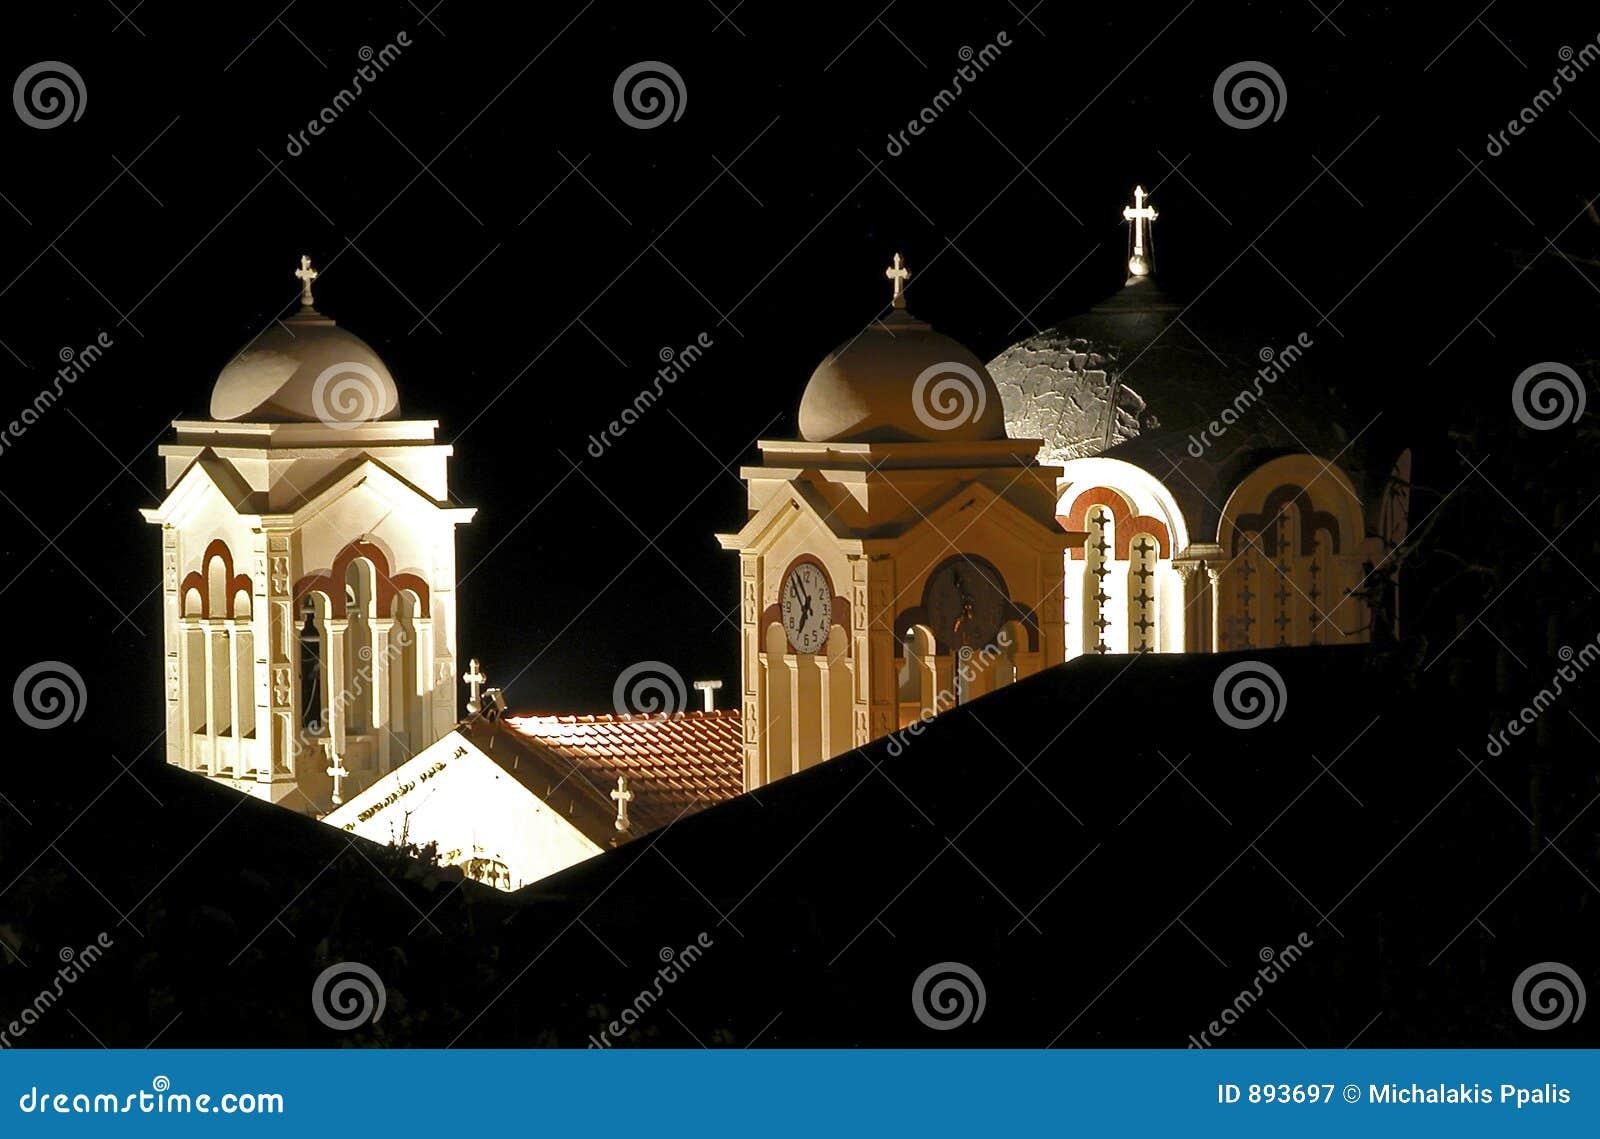 Noc kościelna wieże widok